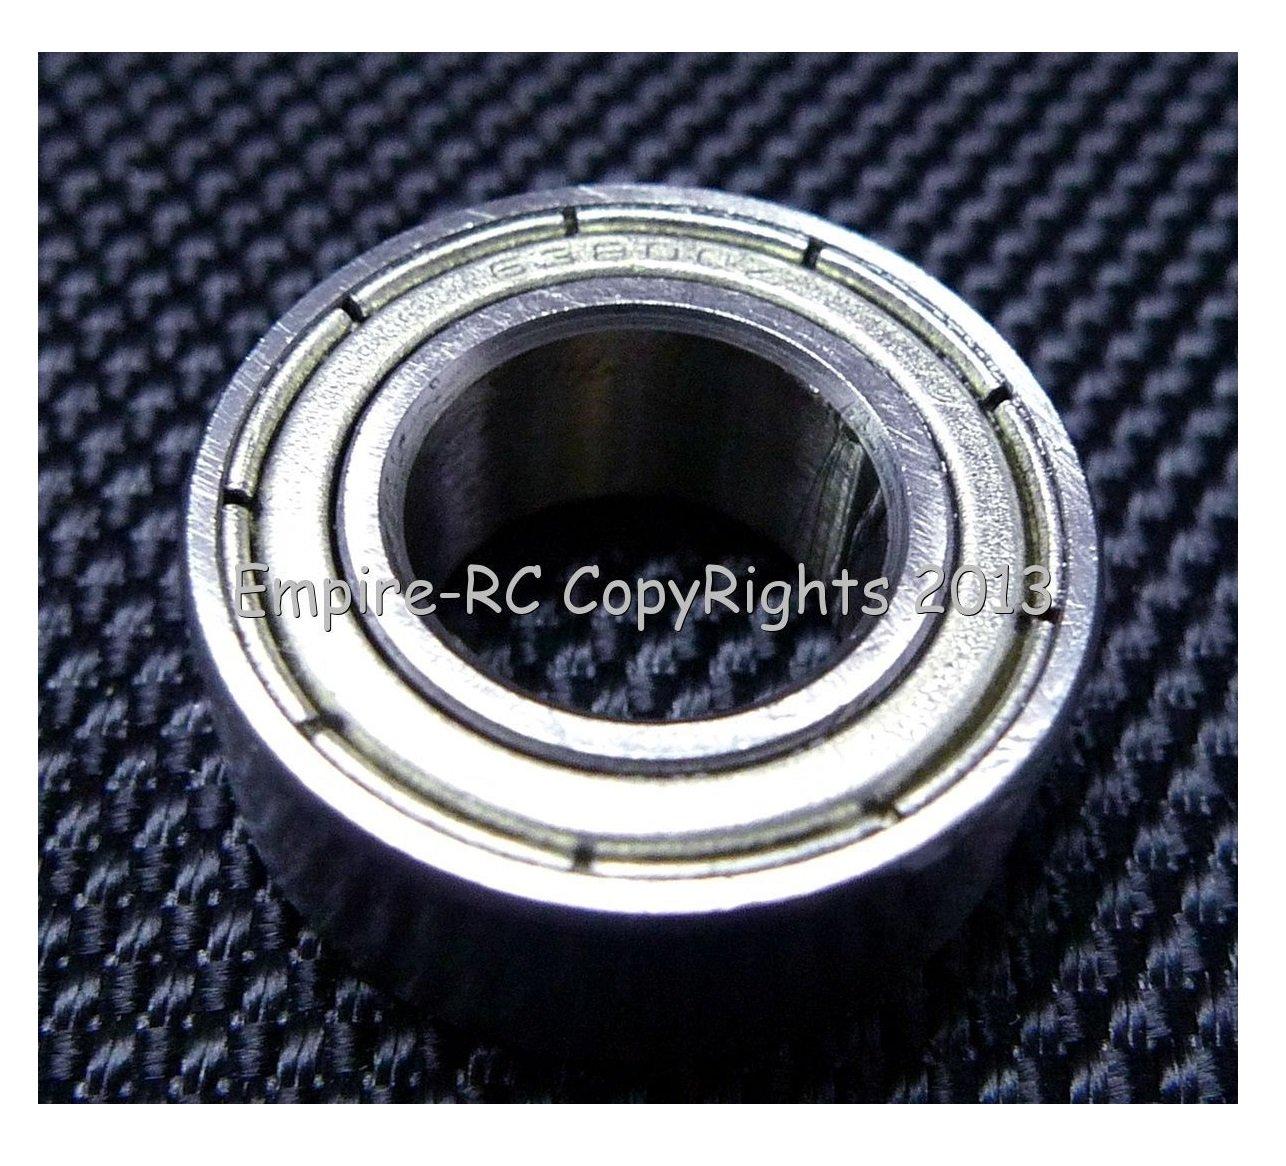 (4 PCS) 63800ZZ (10x19x7 mm) Metal Shielded PRECISION Ball Bearing Set 63800z Peemempire